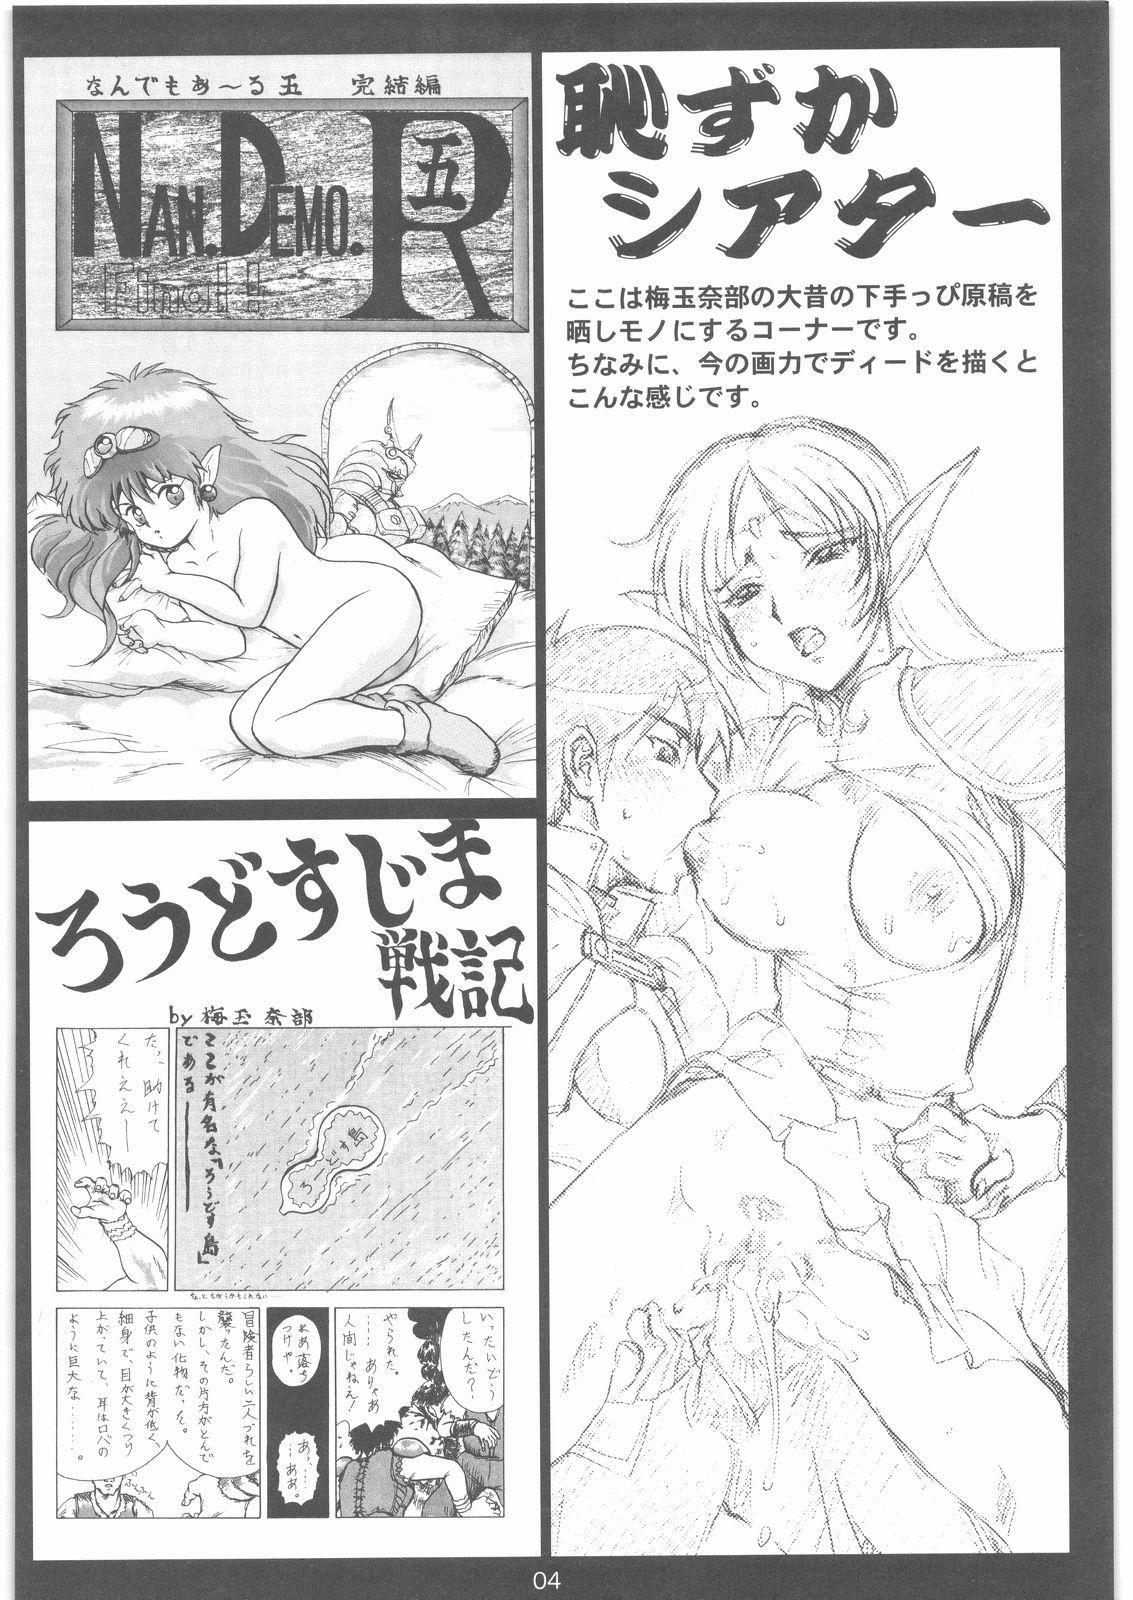 Umedamangashuu 12 Shito 2